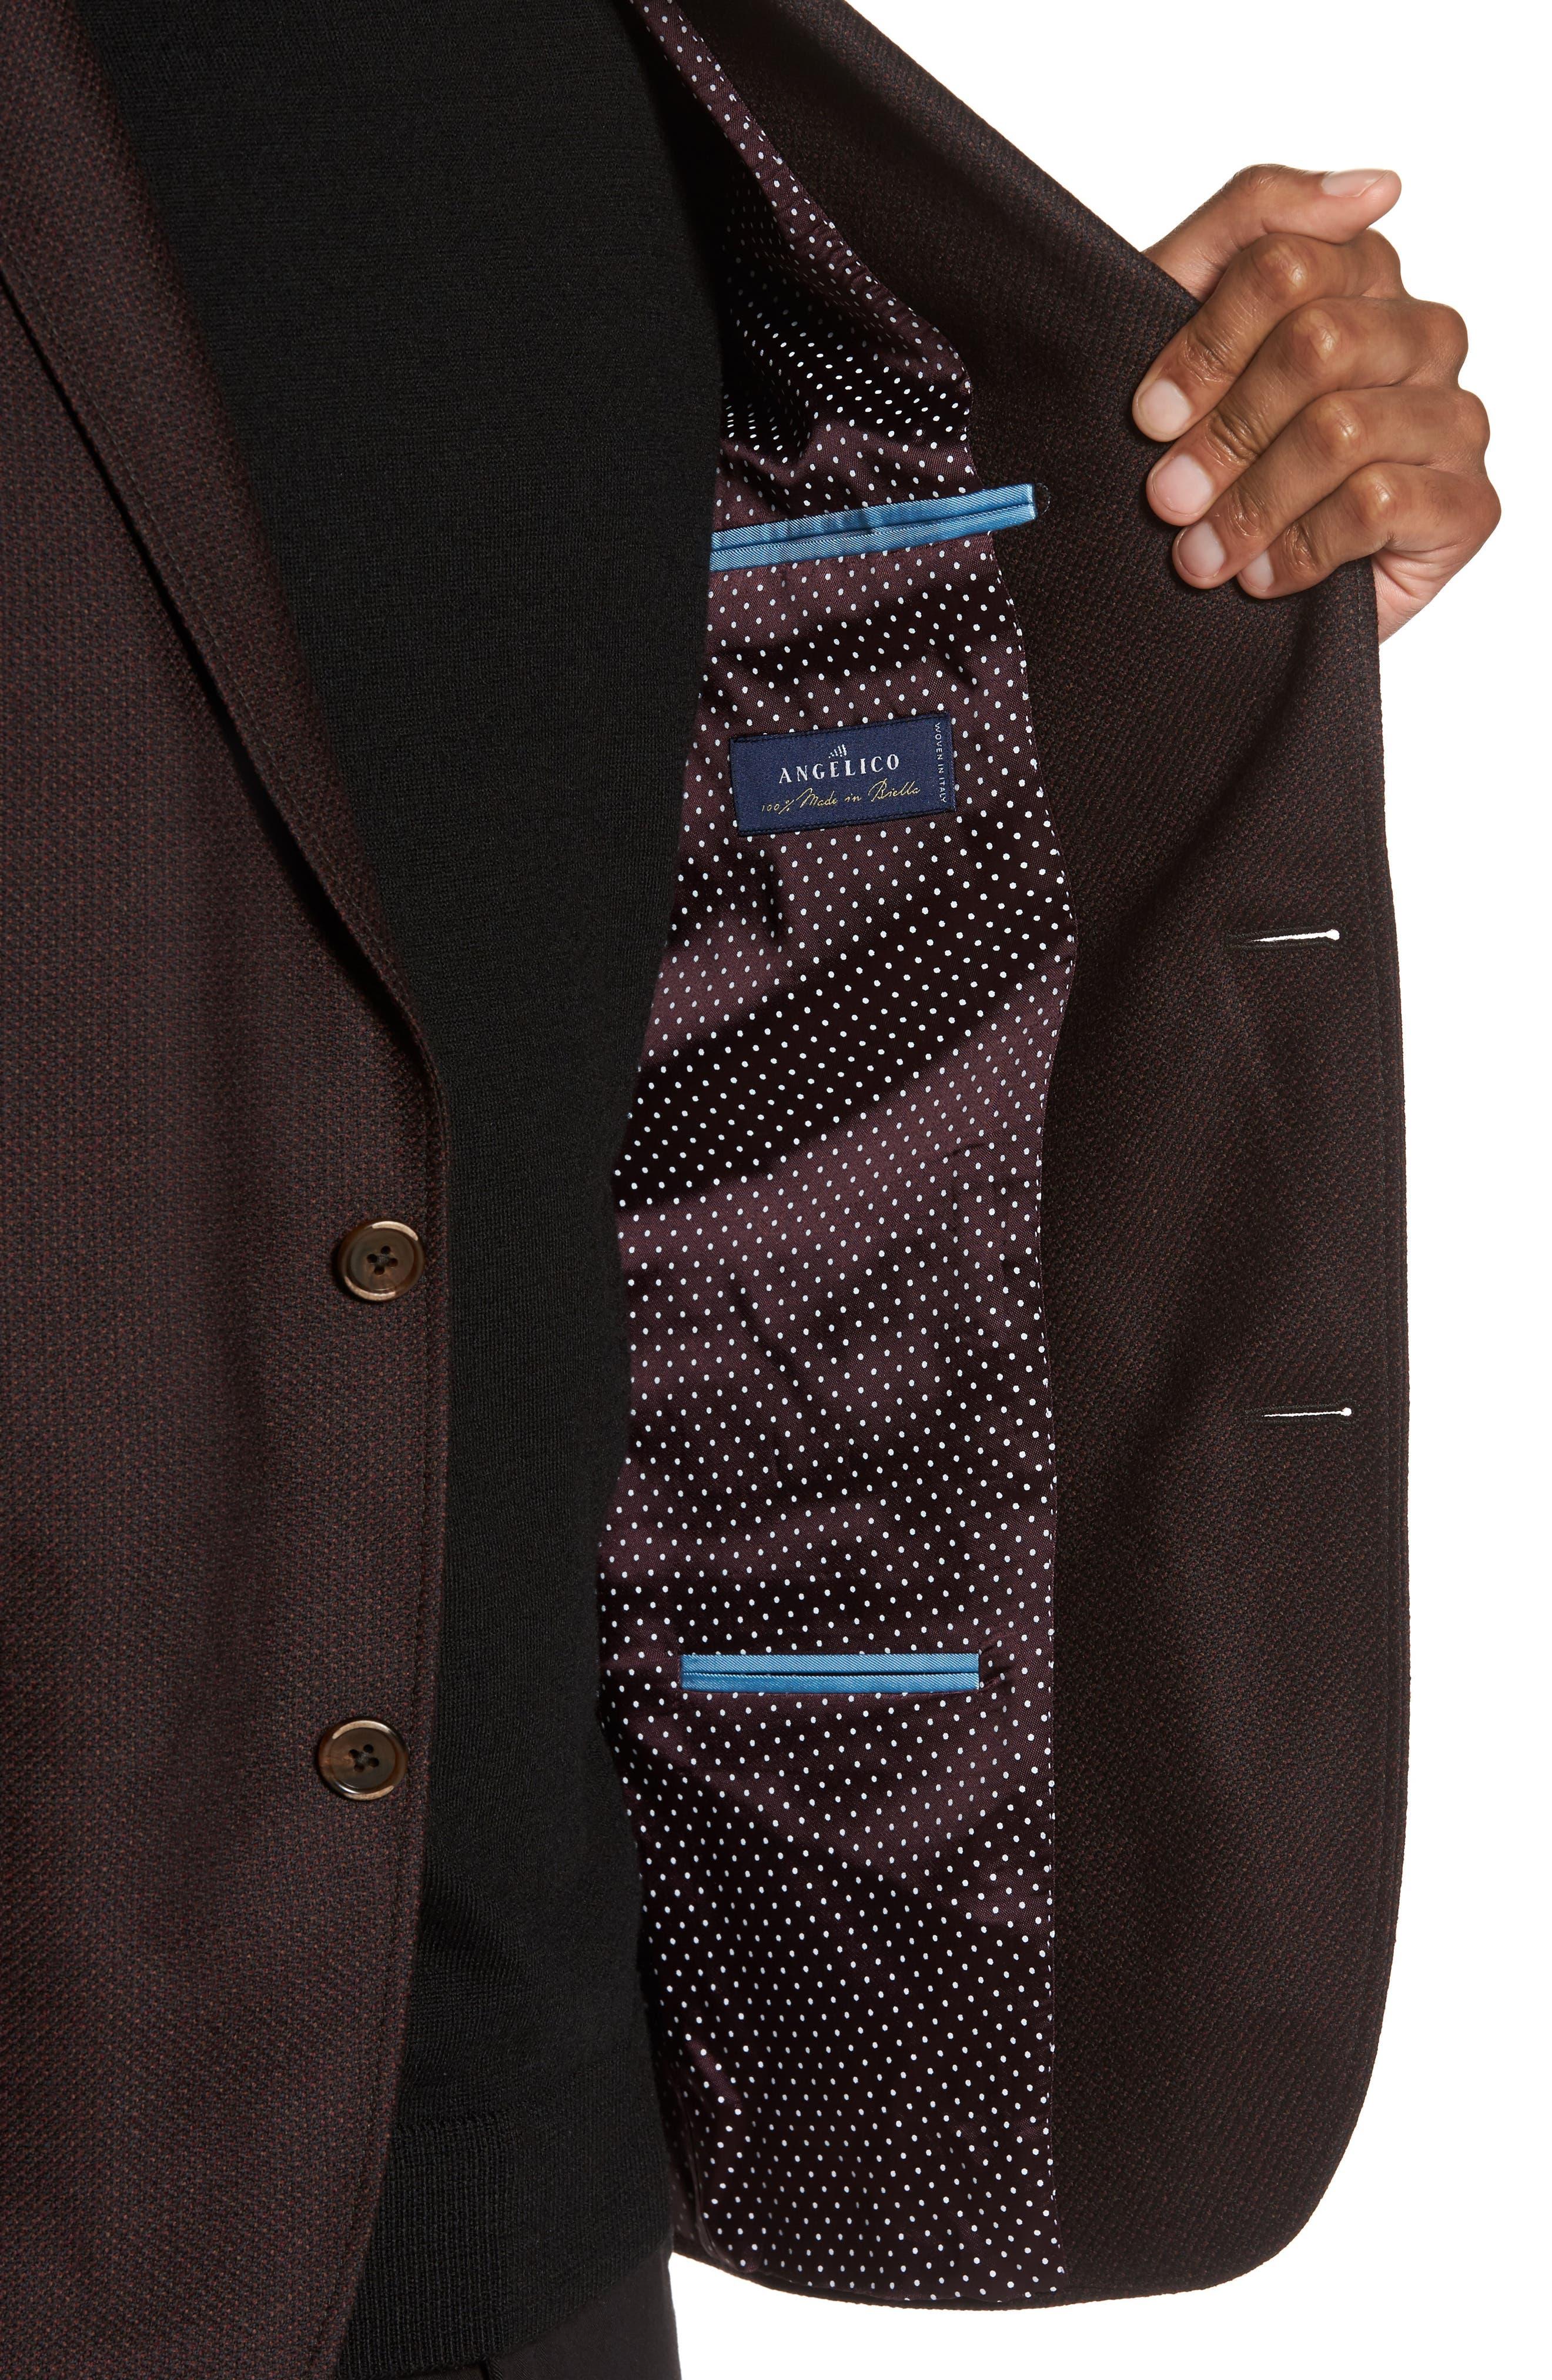 Trim Fit Wool Sport Coat,                             Alternate thumbnail 4, color,                             Bordeaux